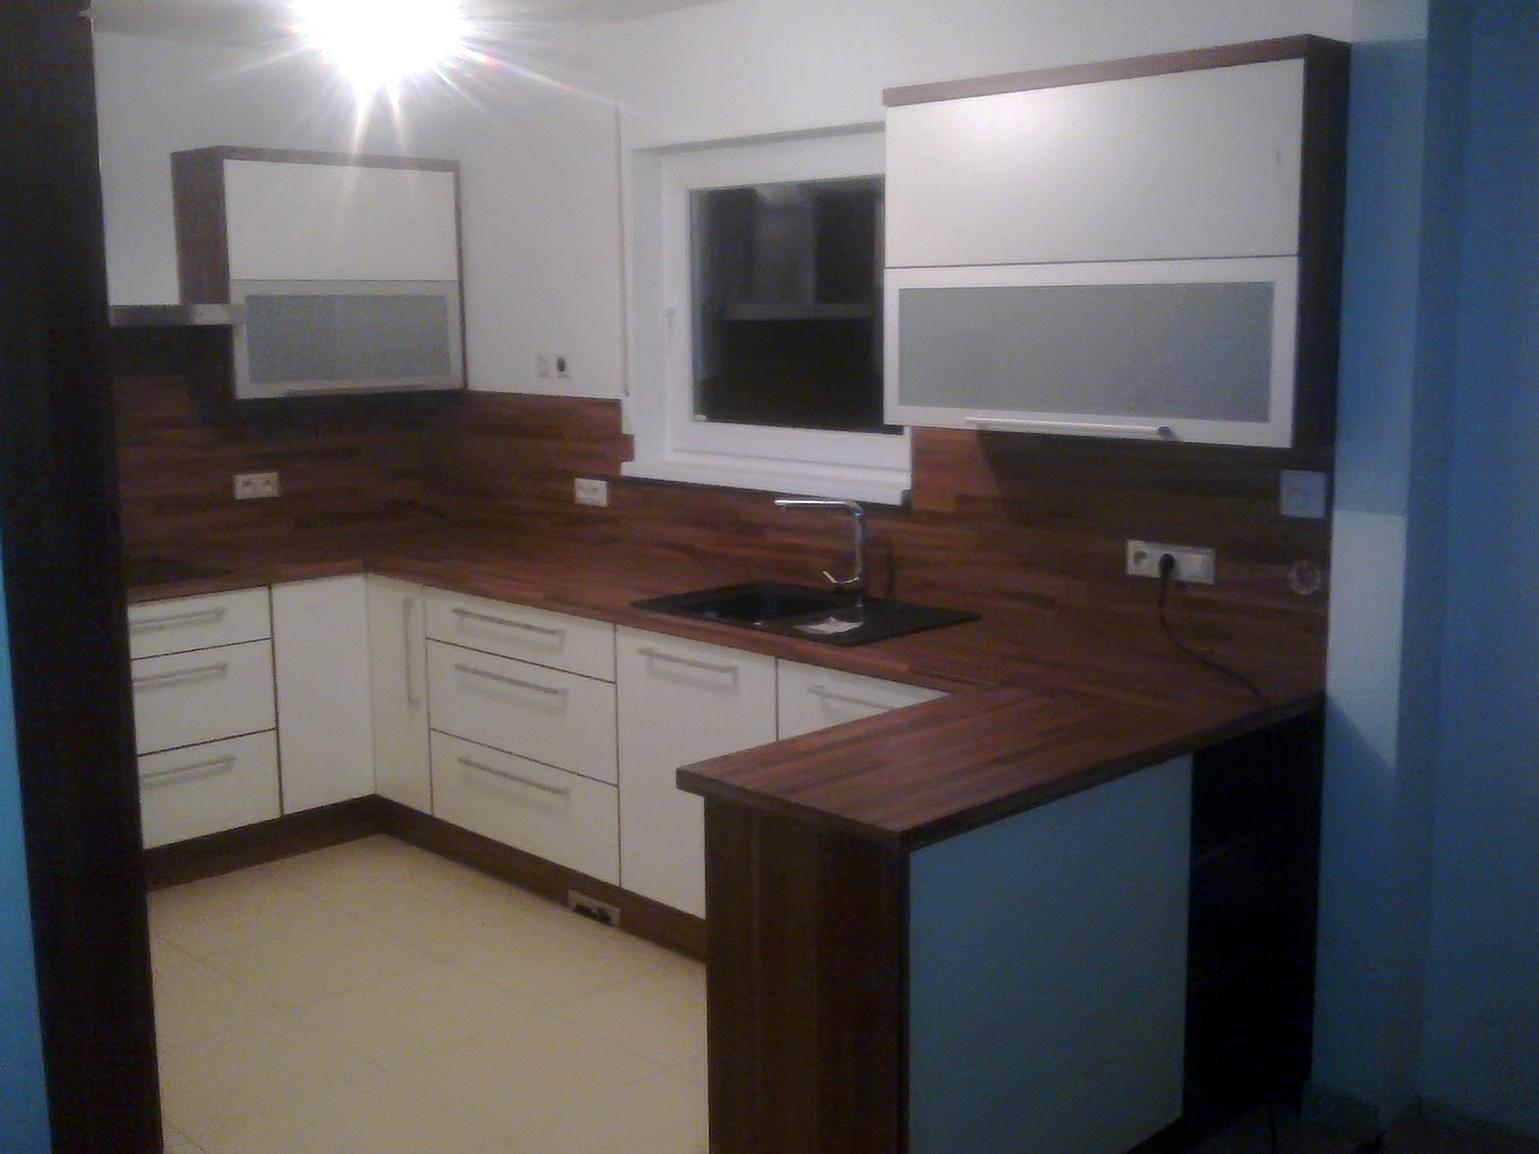 kuchyn1-1600